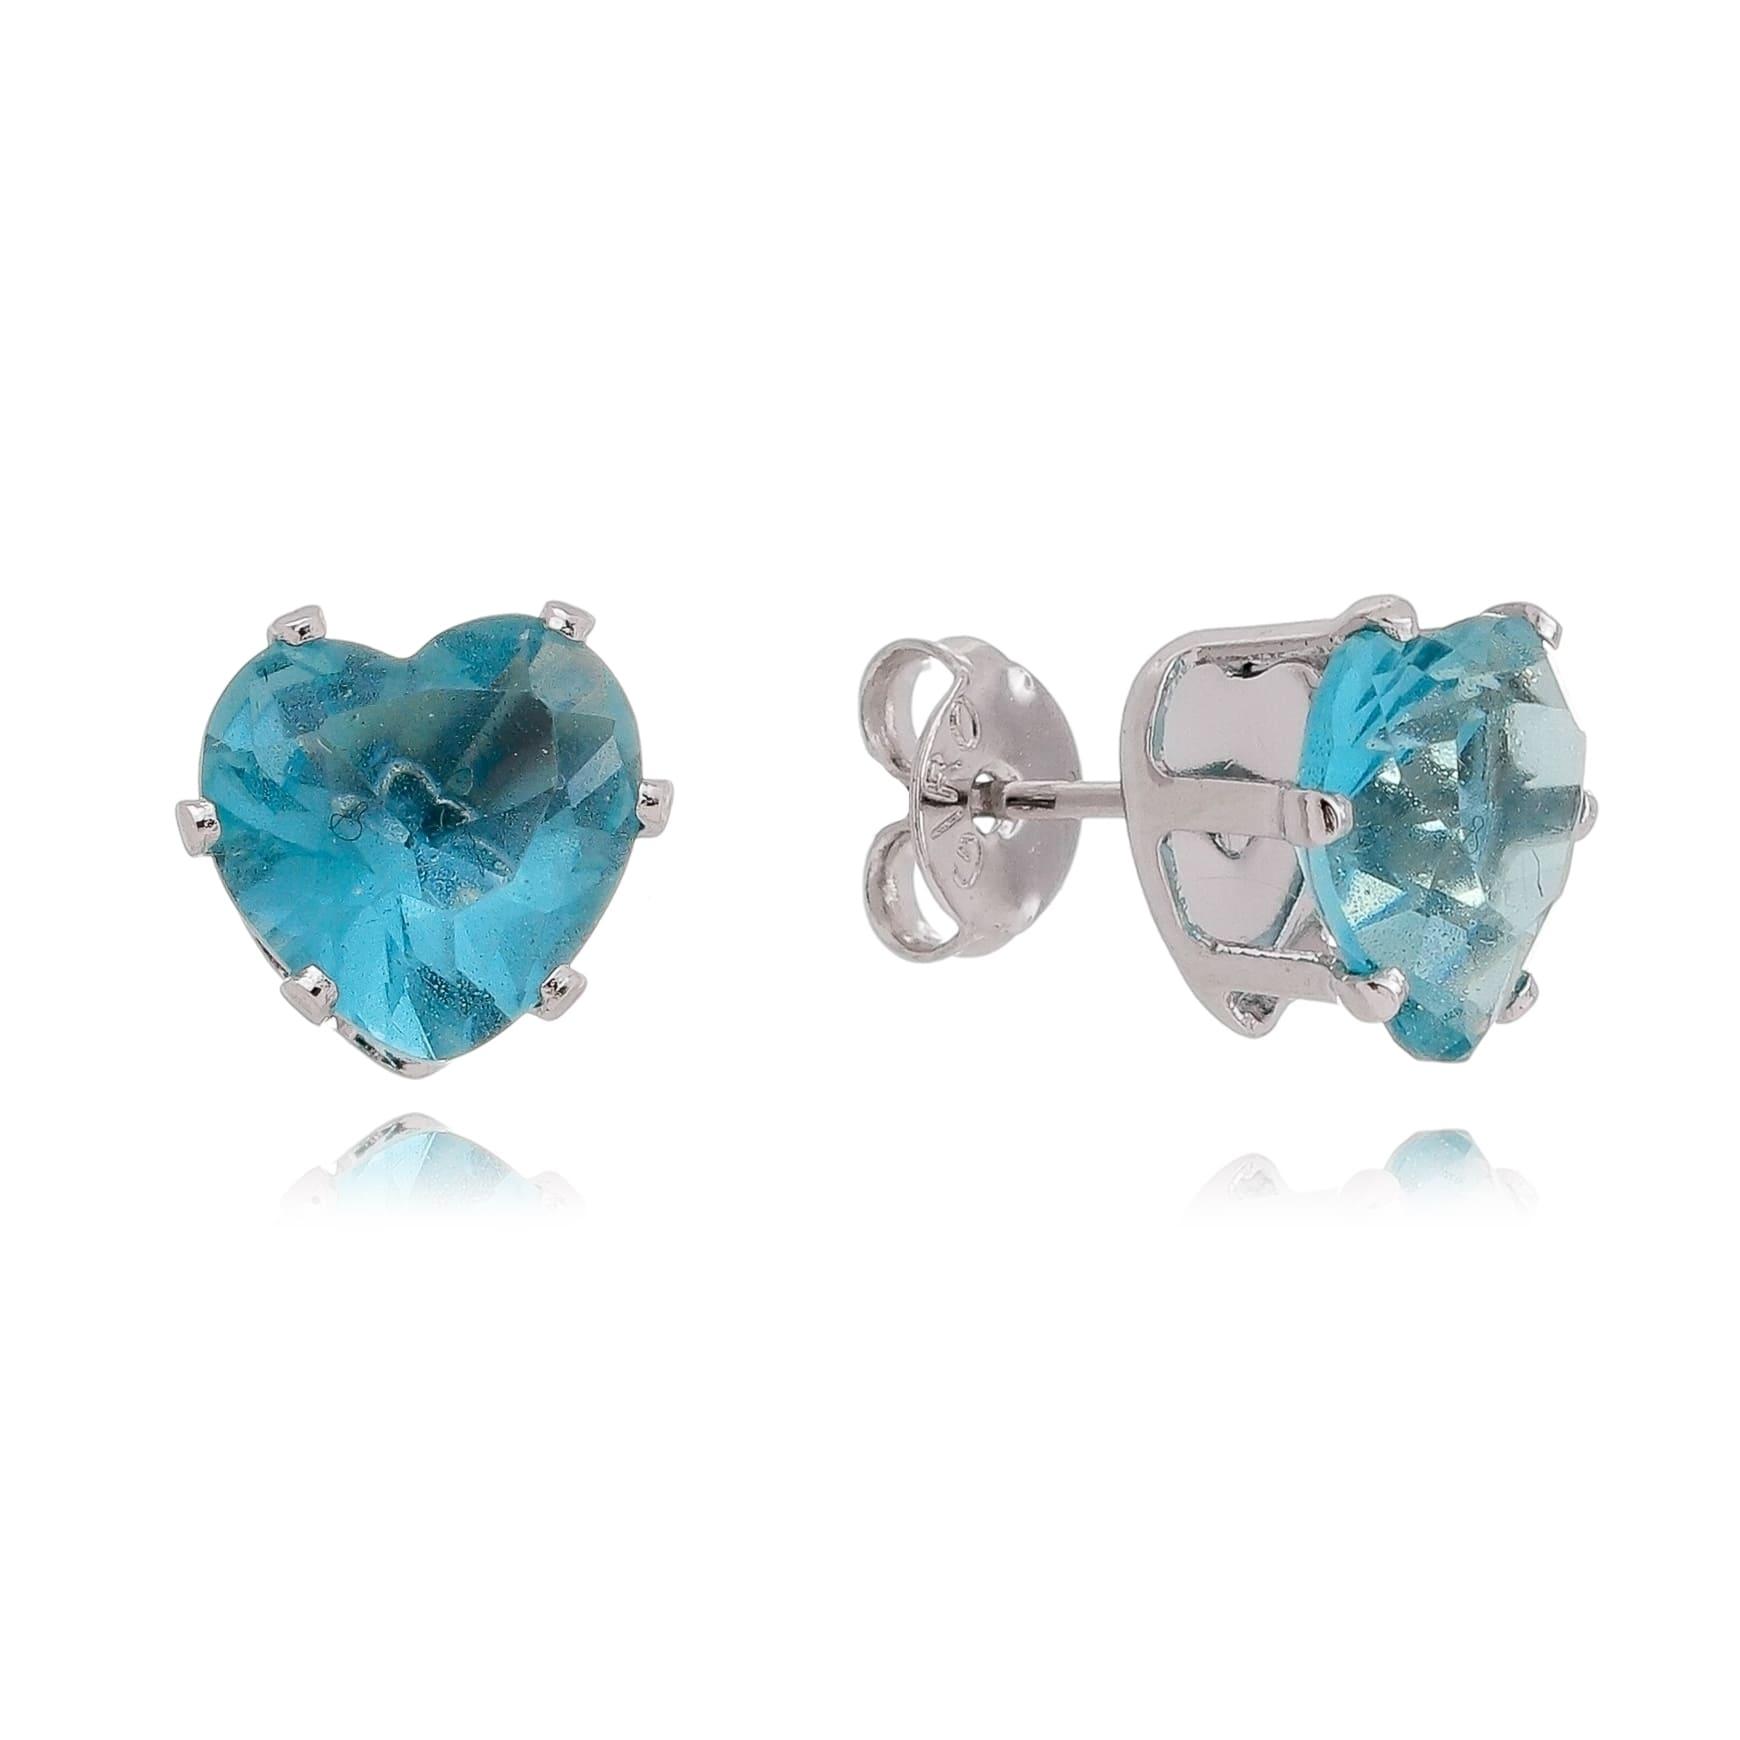 Brinco Coração Cristal Azul Claro Folheado em Ródio Branco - Giro Semijoias